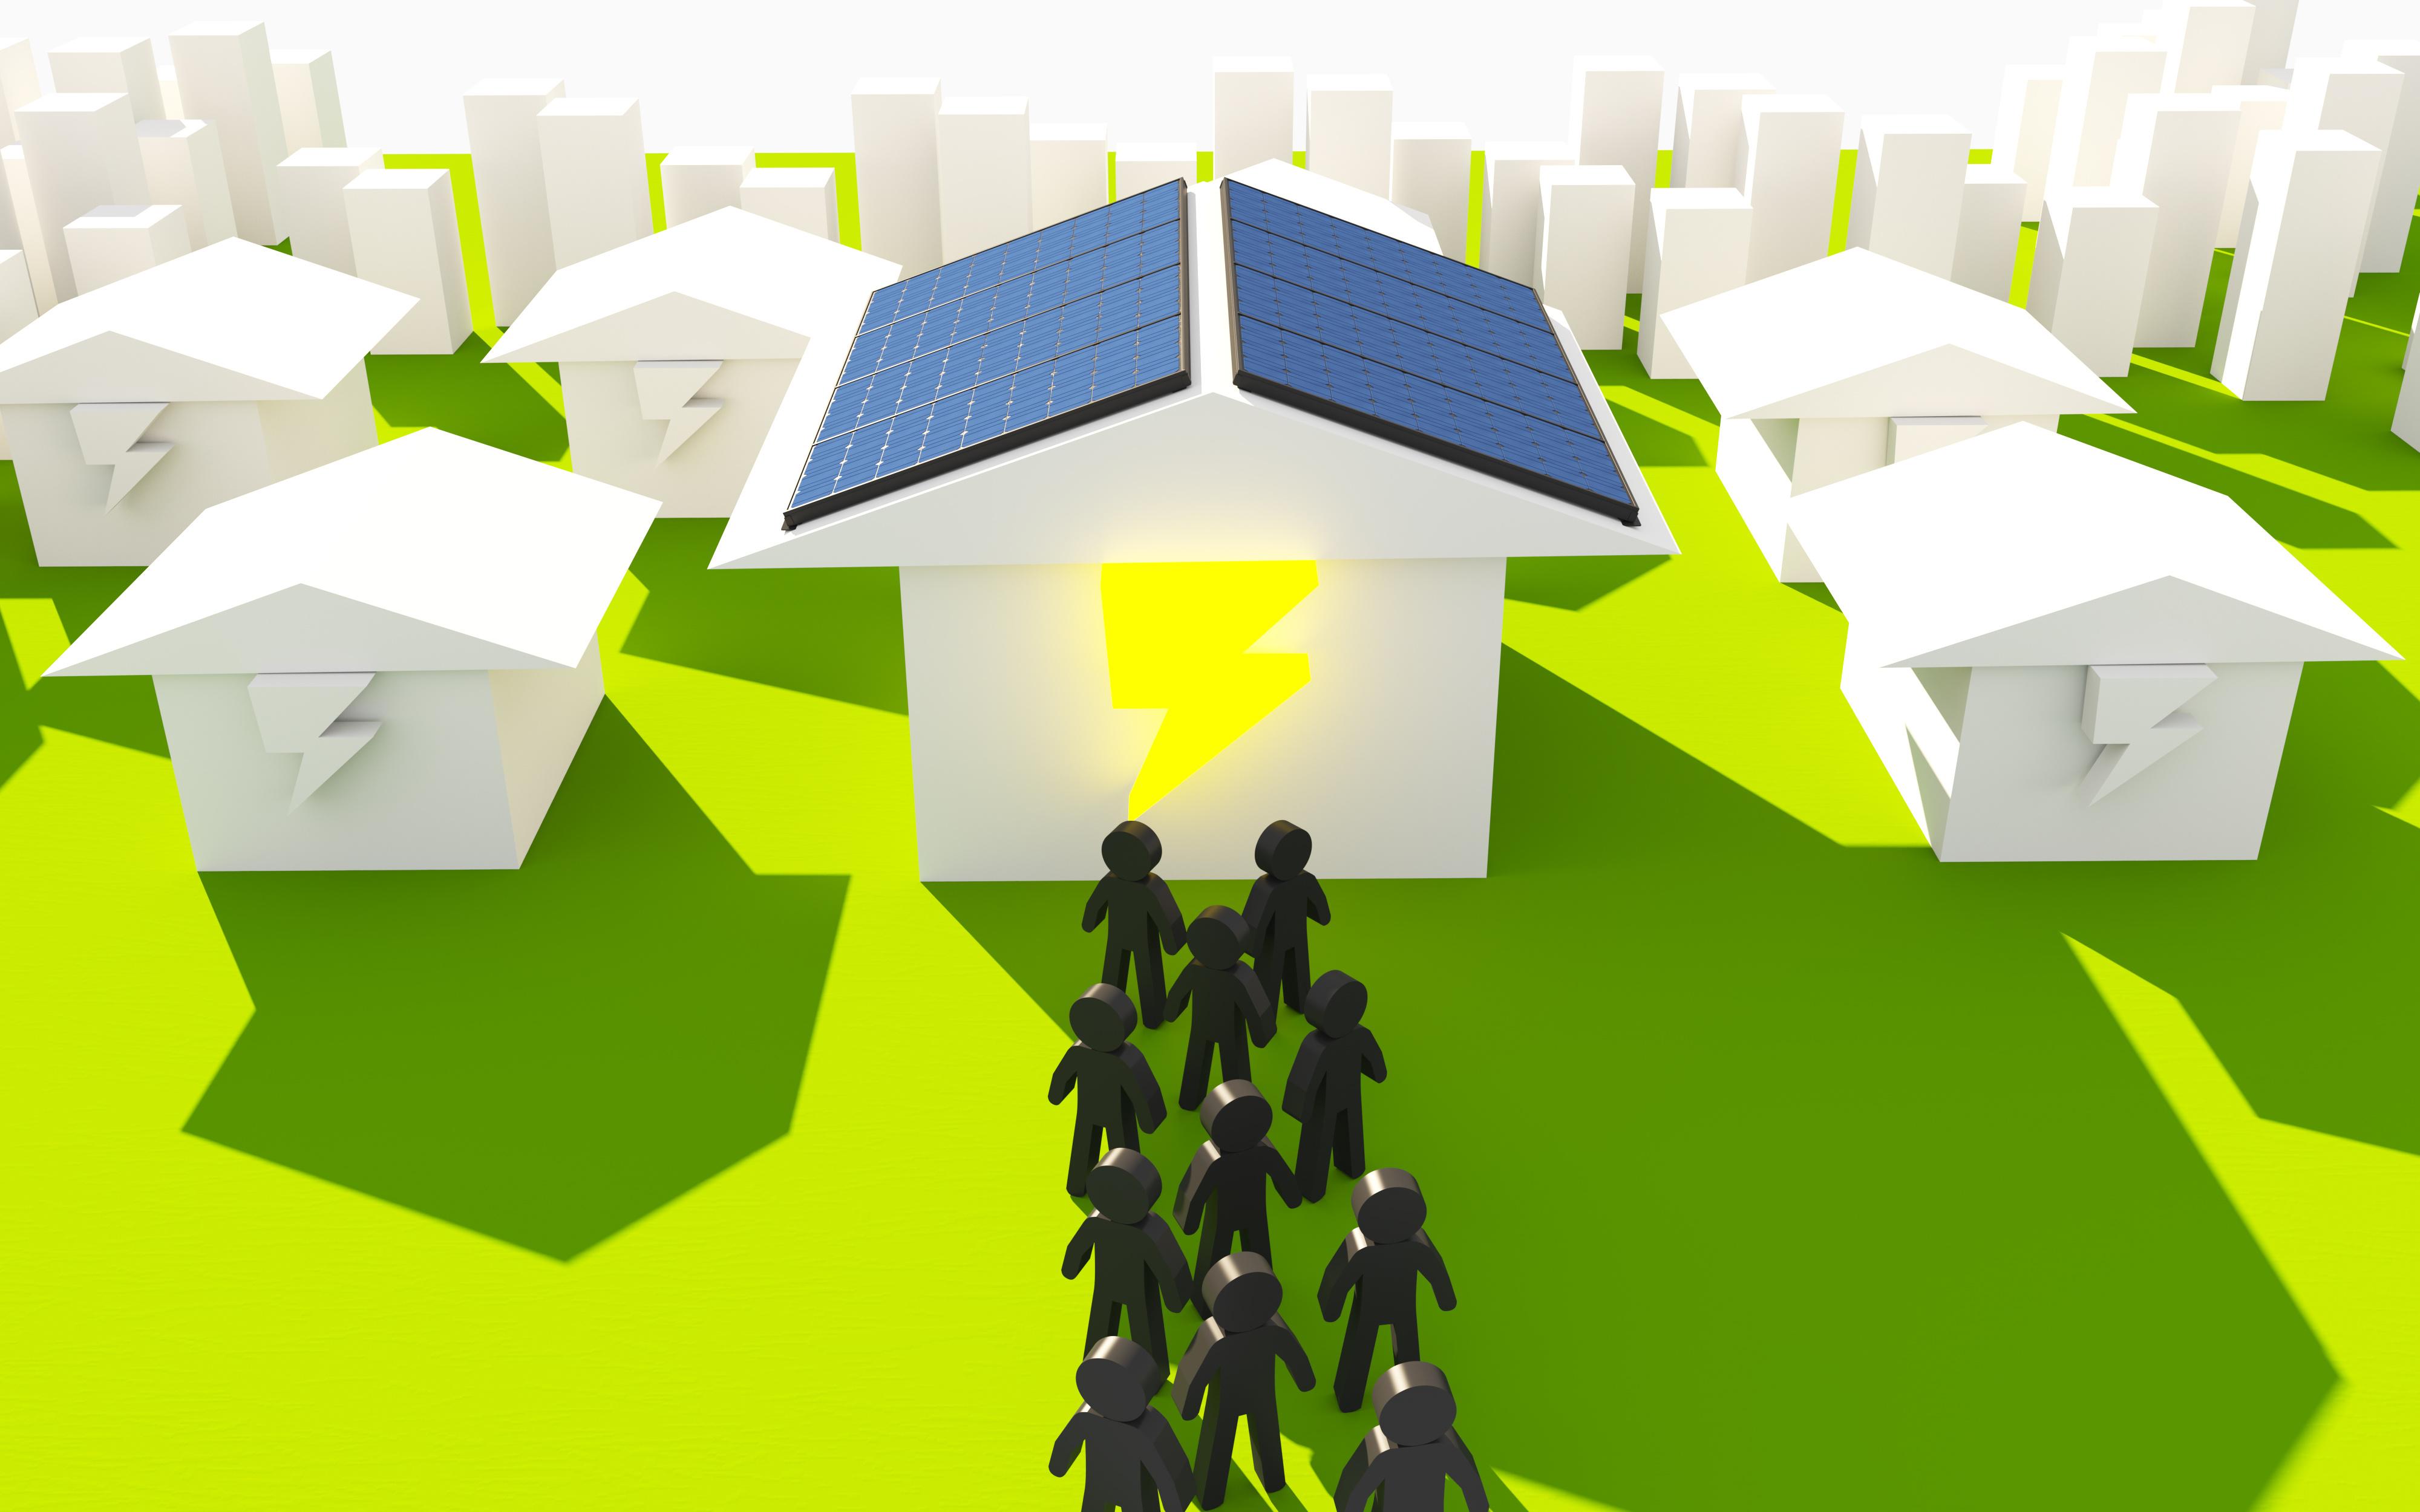 Projekty energetických řešení na míru